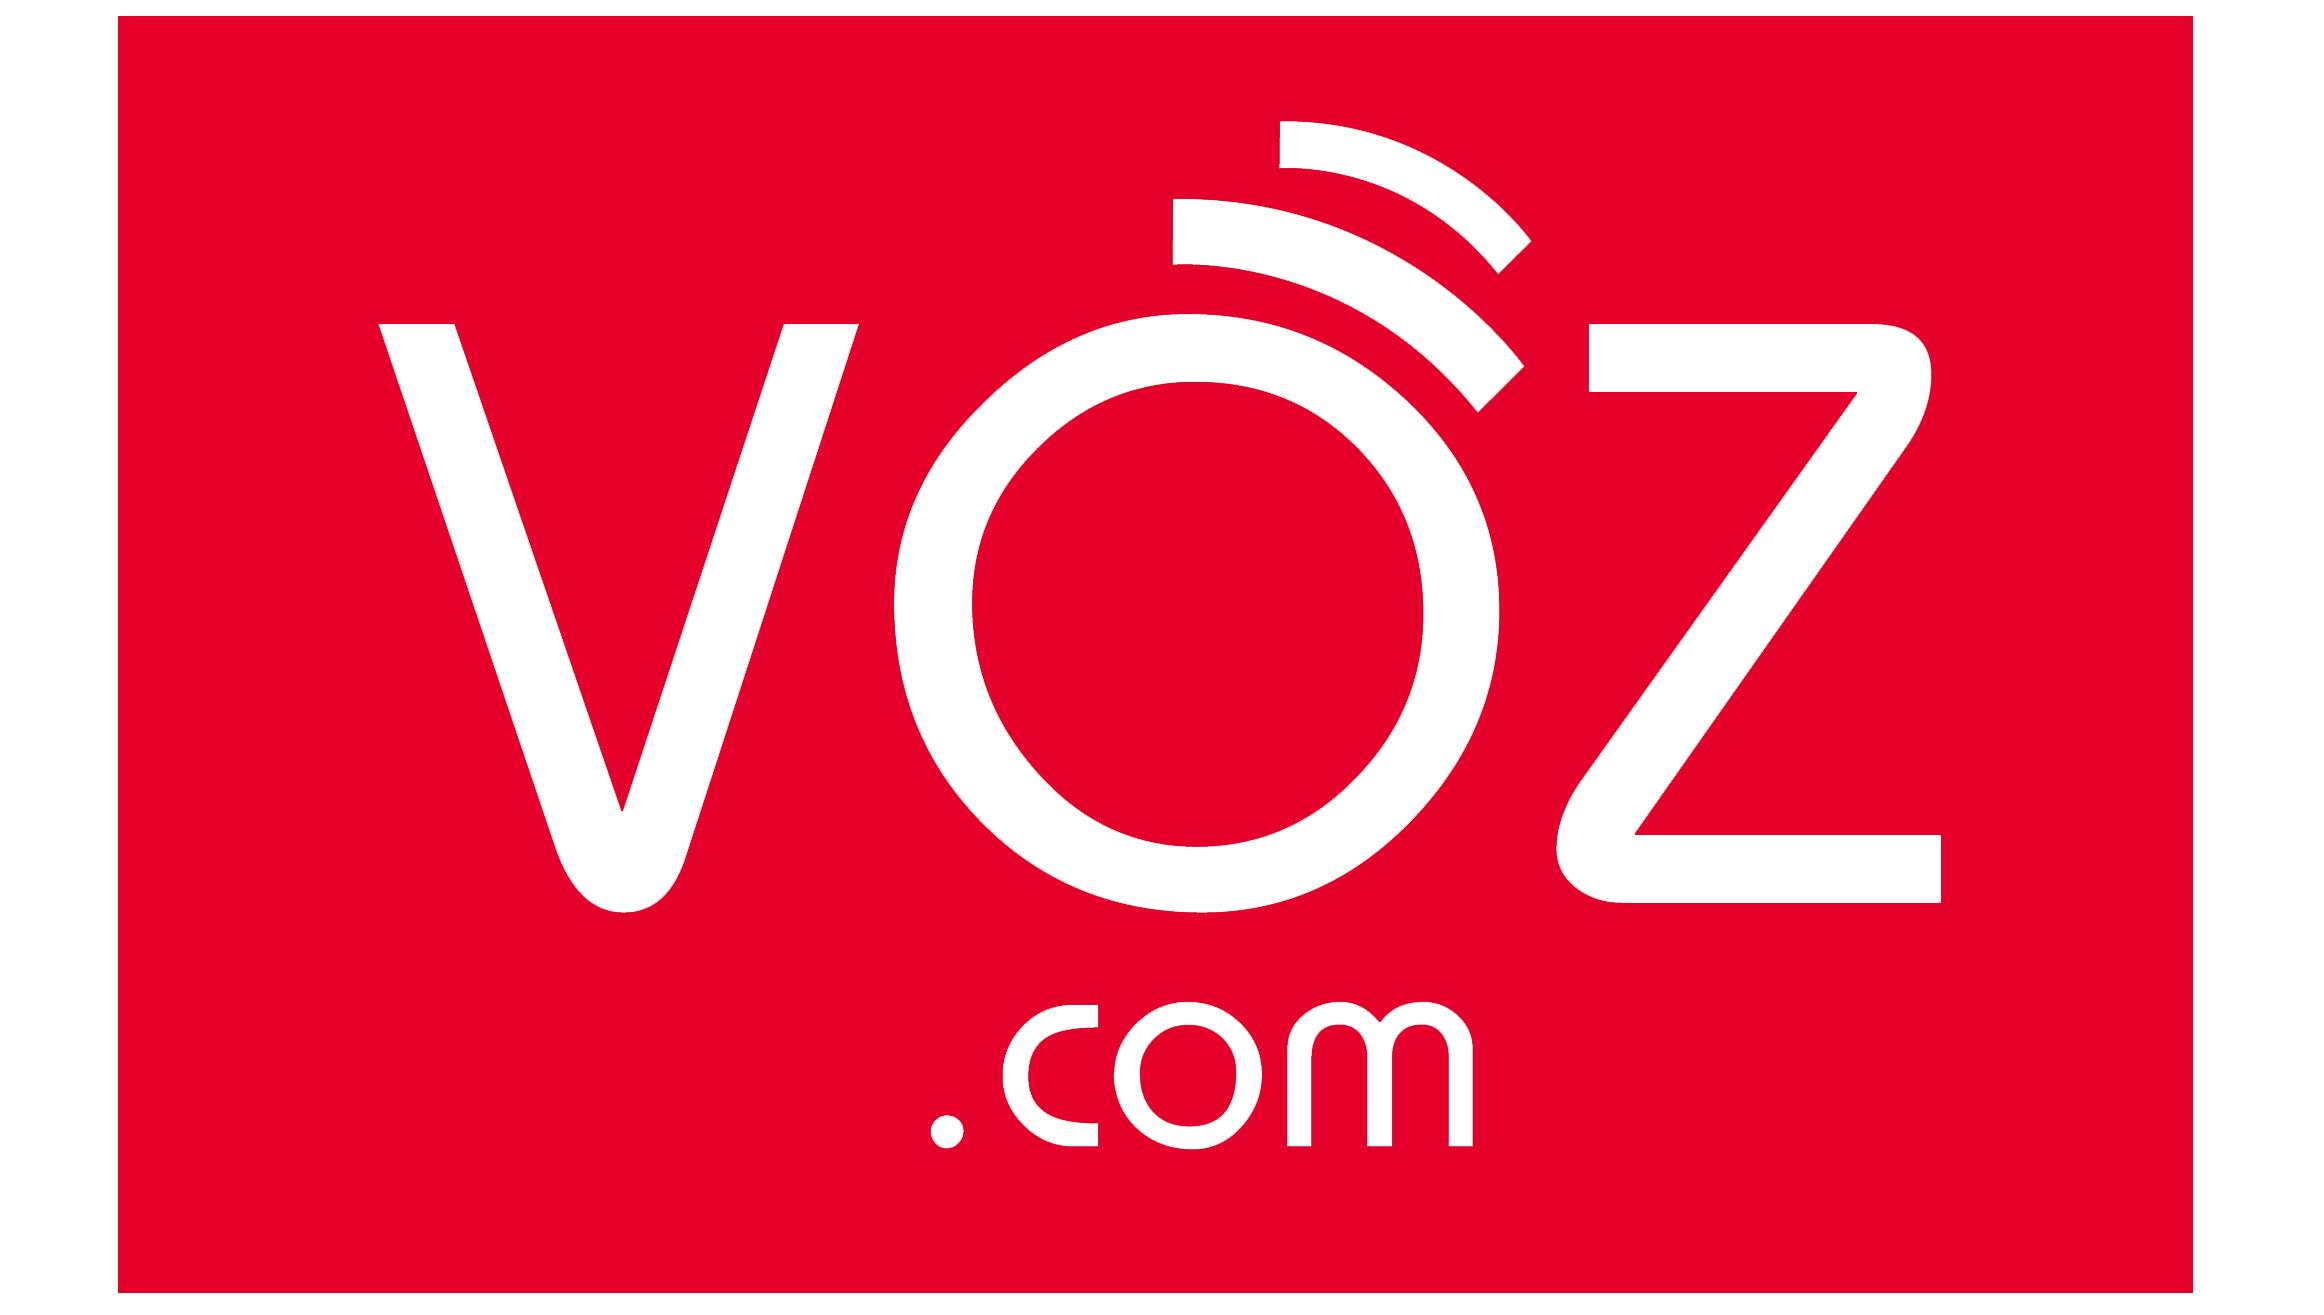 Con la tecnología de Voz.com quédate en casa